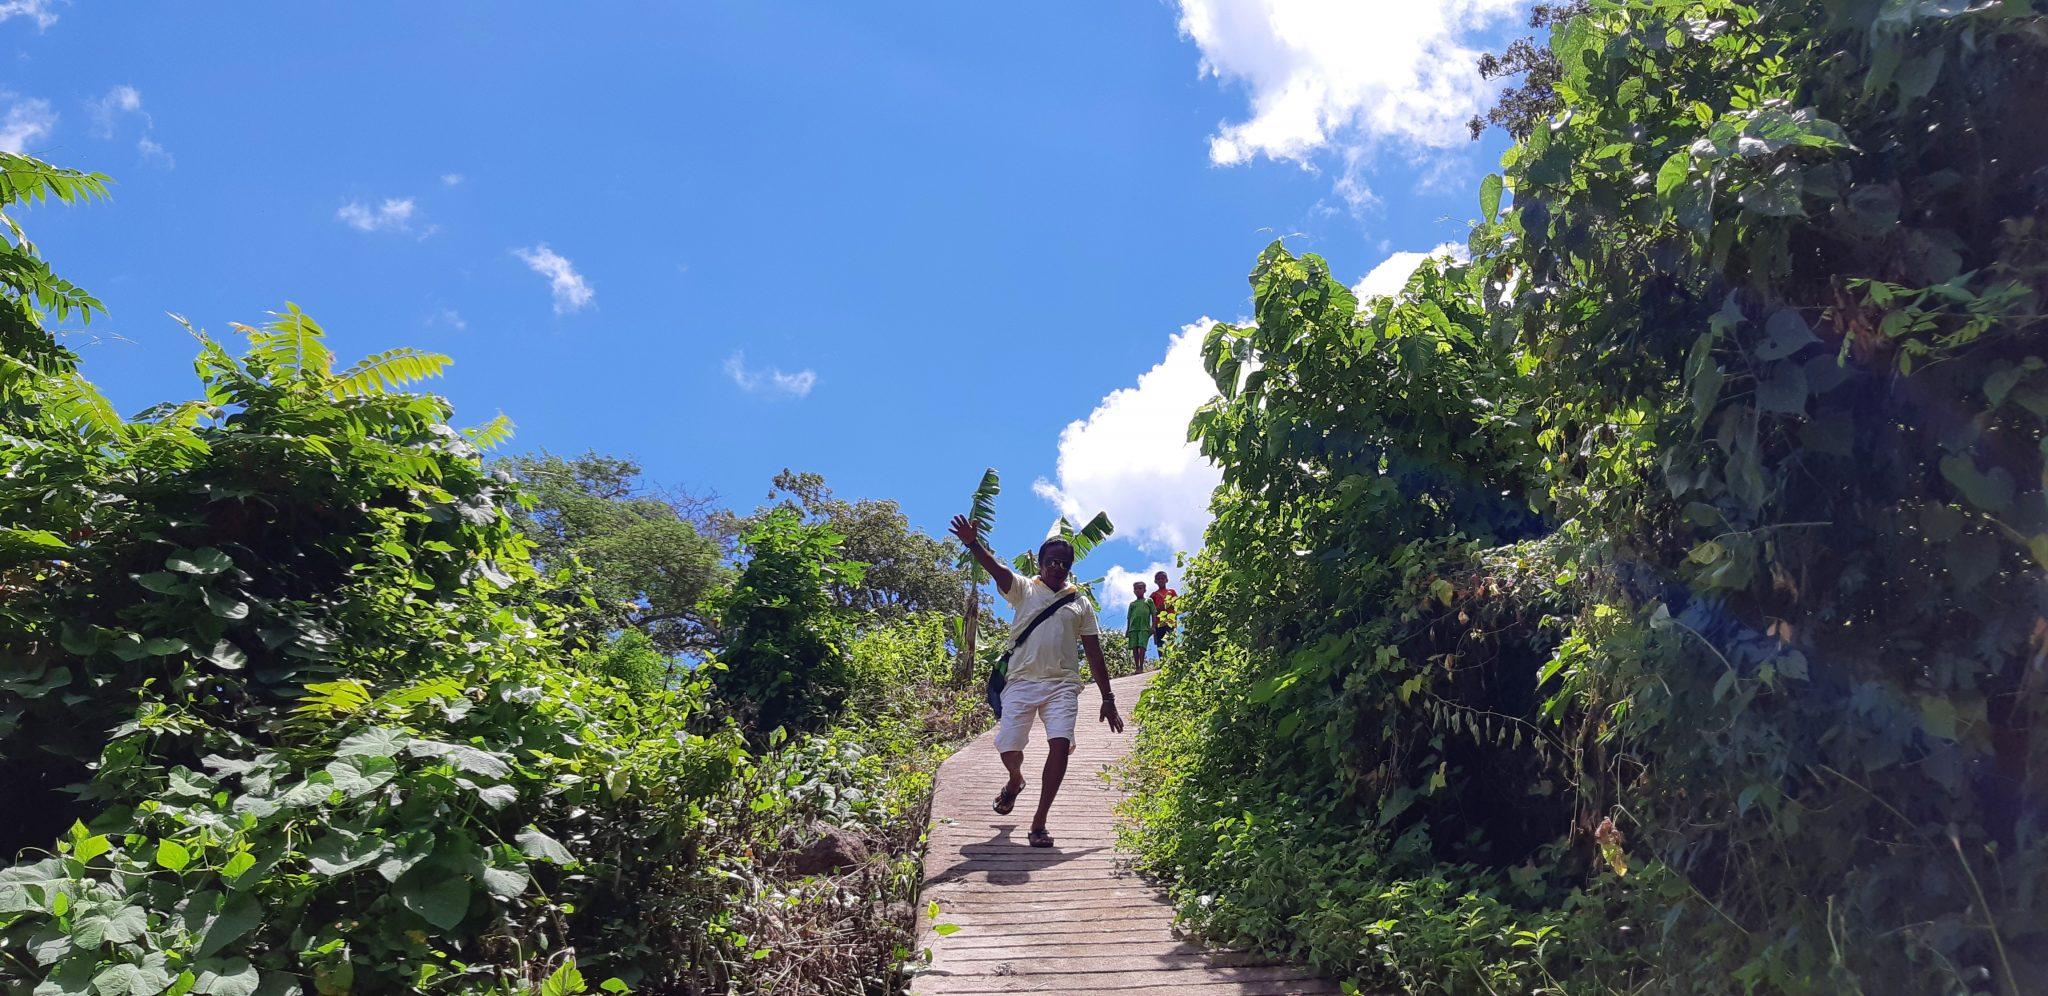 20180319_112452 Barat Daya Islands - Damar island hike